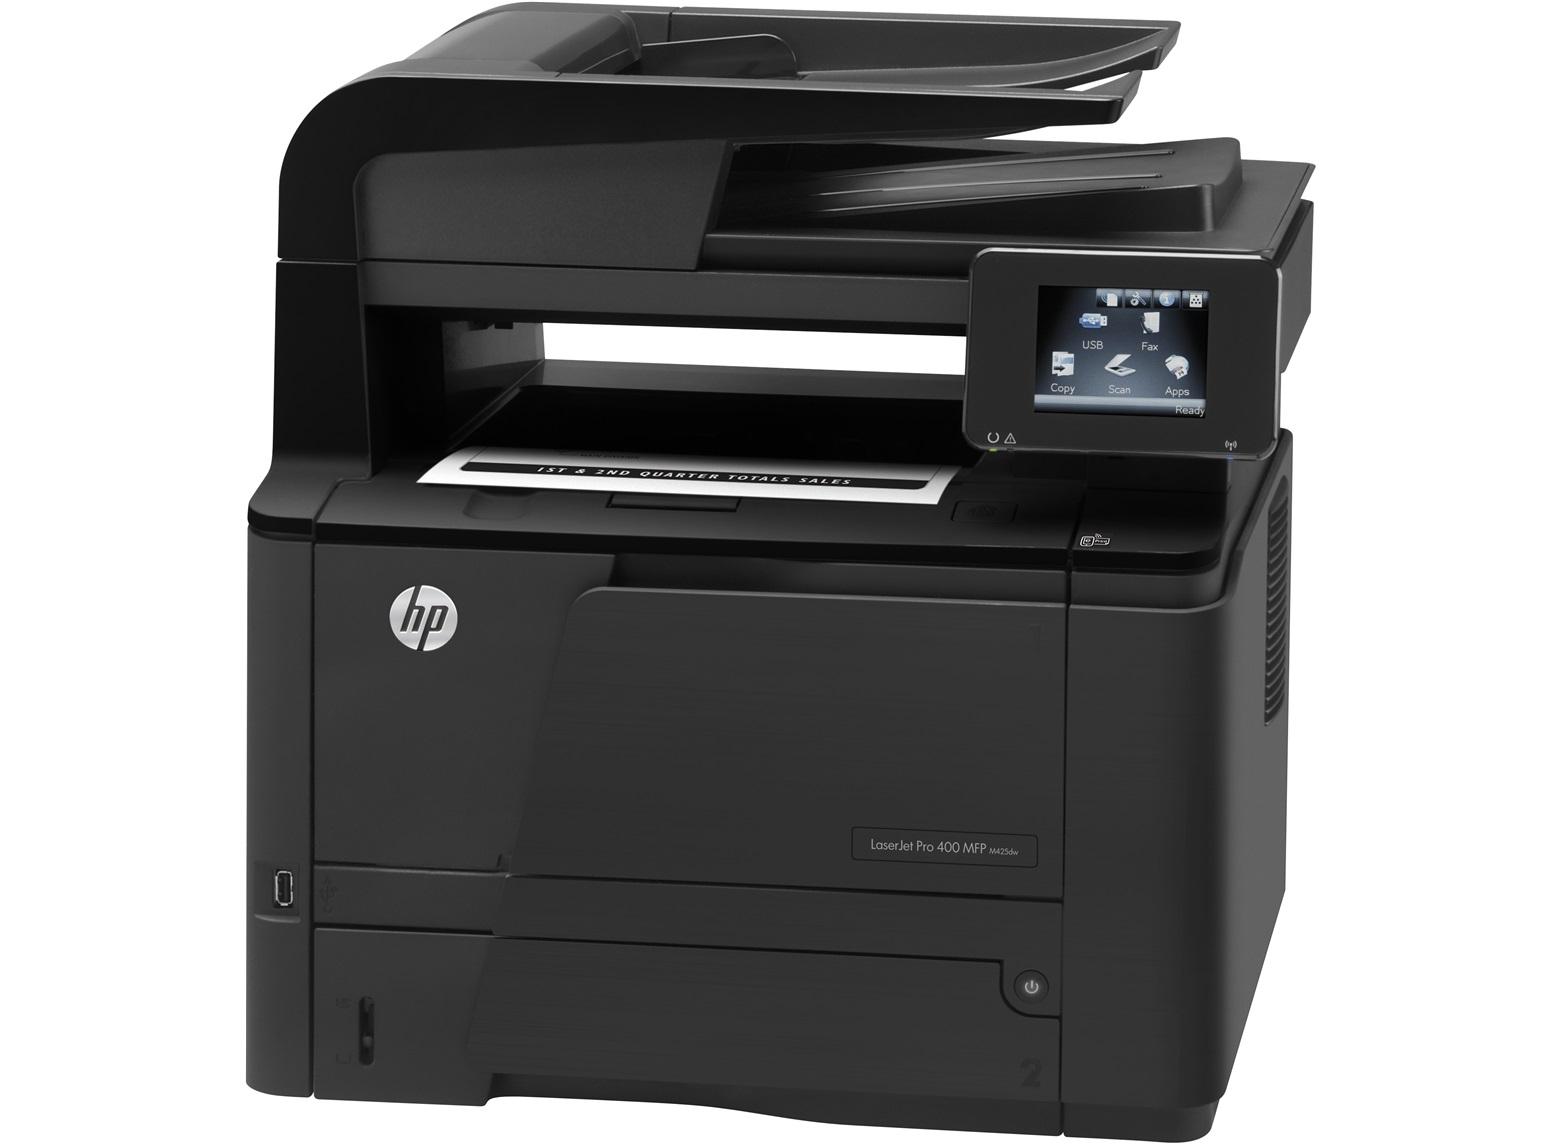 Принтер HP LaserJet Pro 400 MFP M425dw